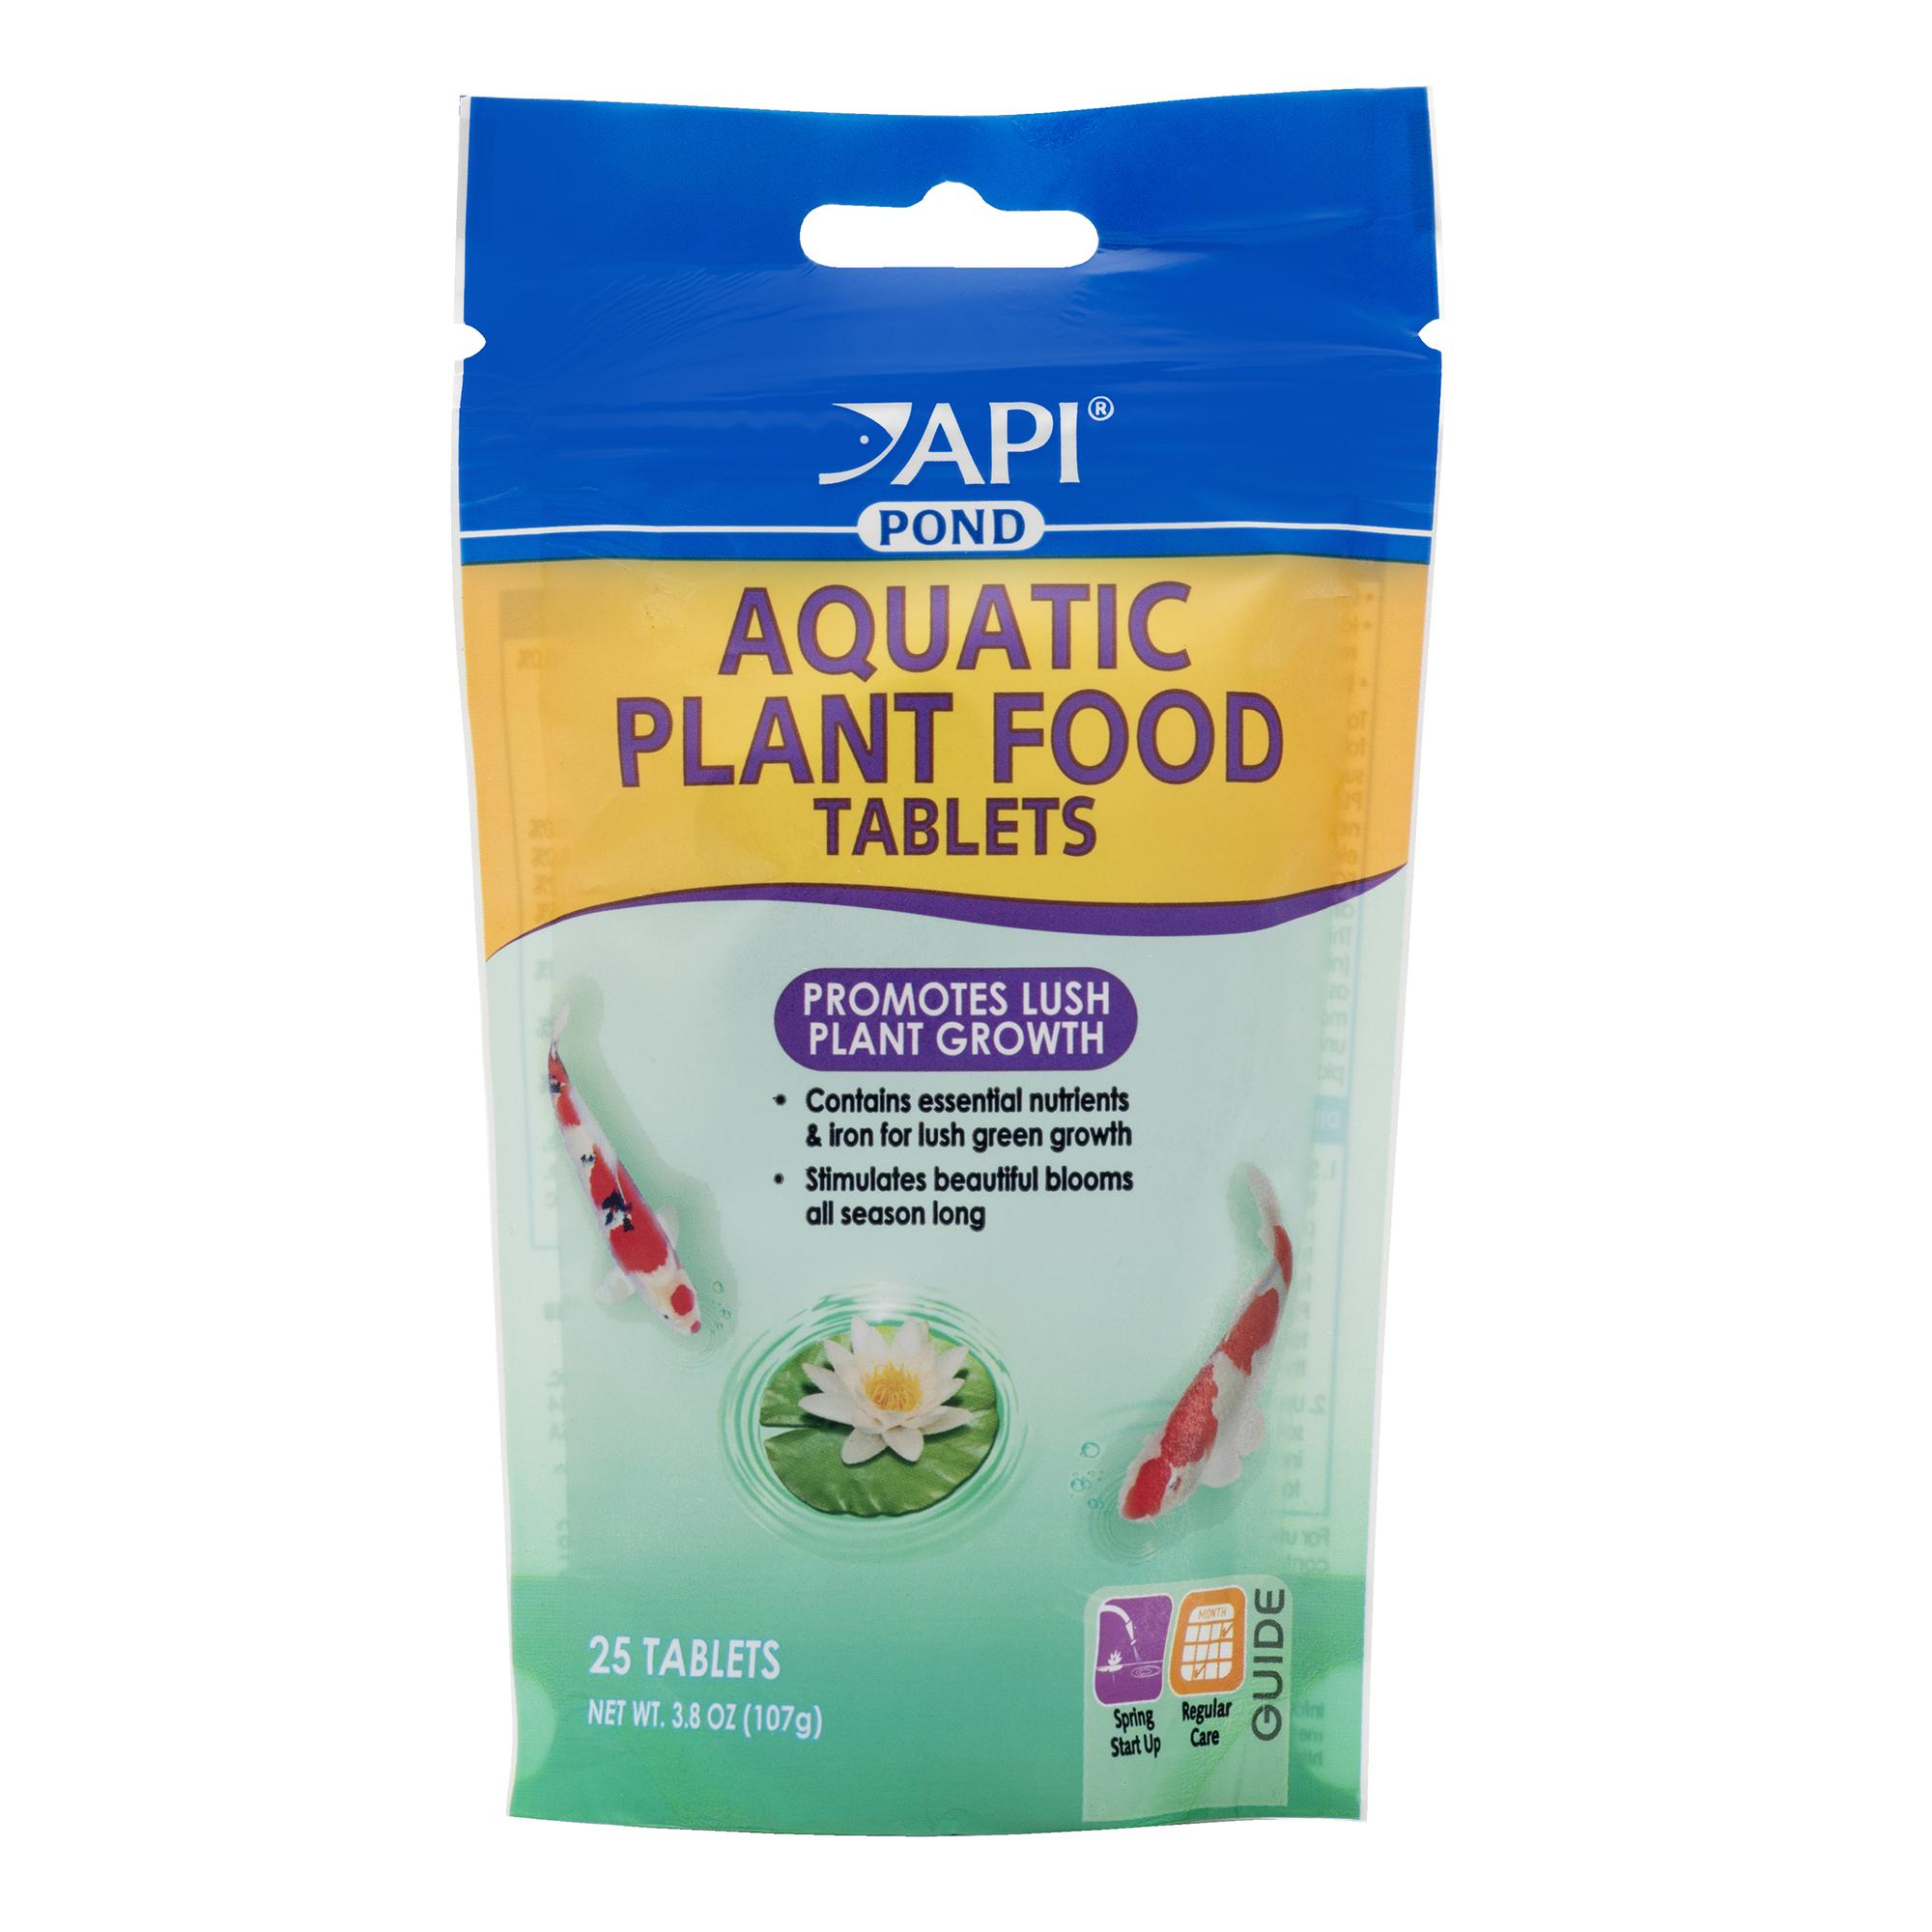 AQUATIC PLANT FOOD TABLETS